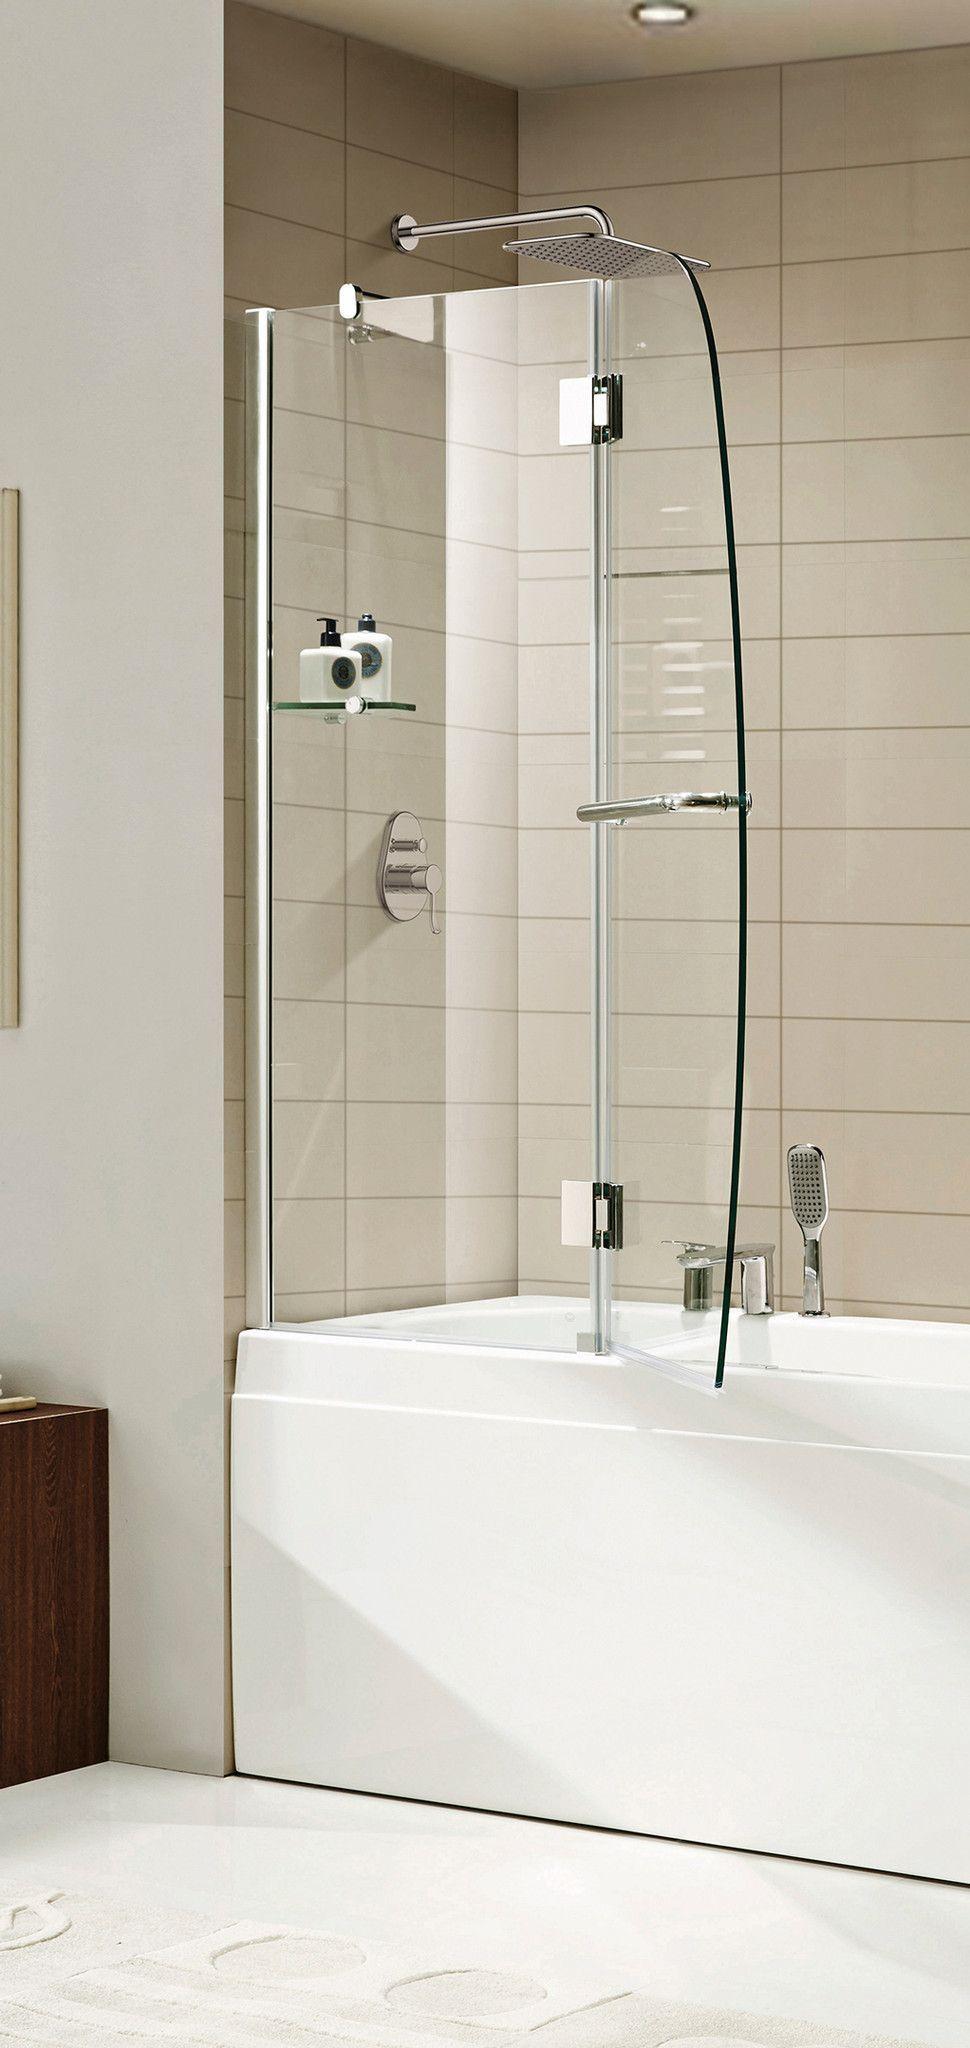 Paragon Bath 0ASBS02-A-SP01 Frameless Shower Door - Chrome ...